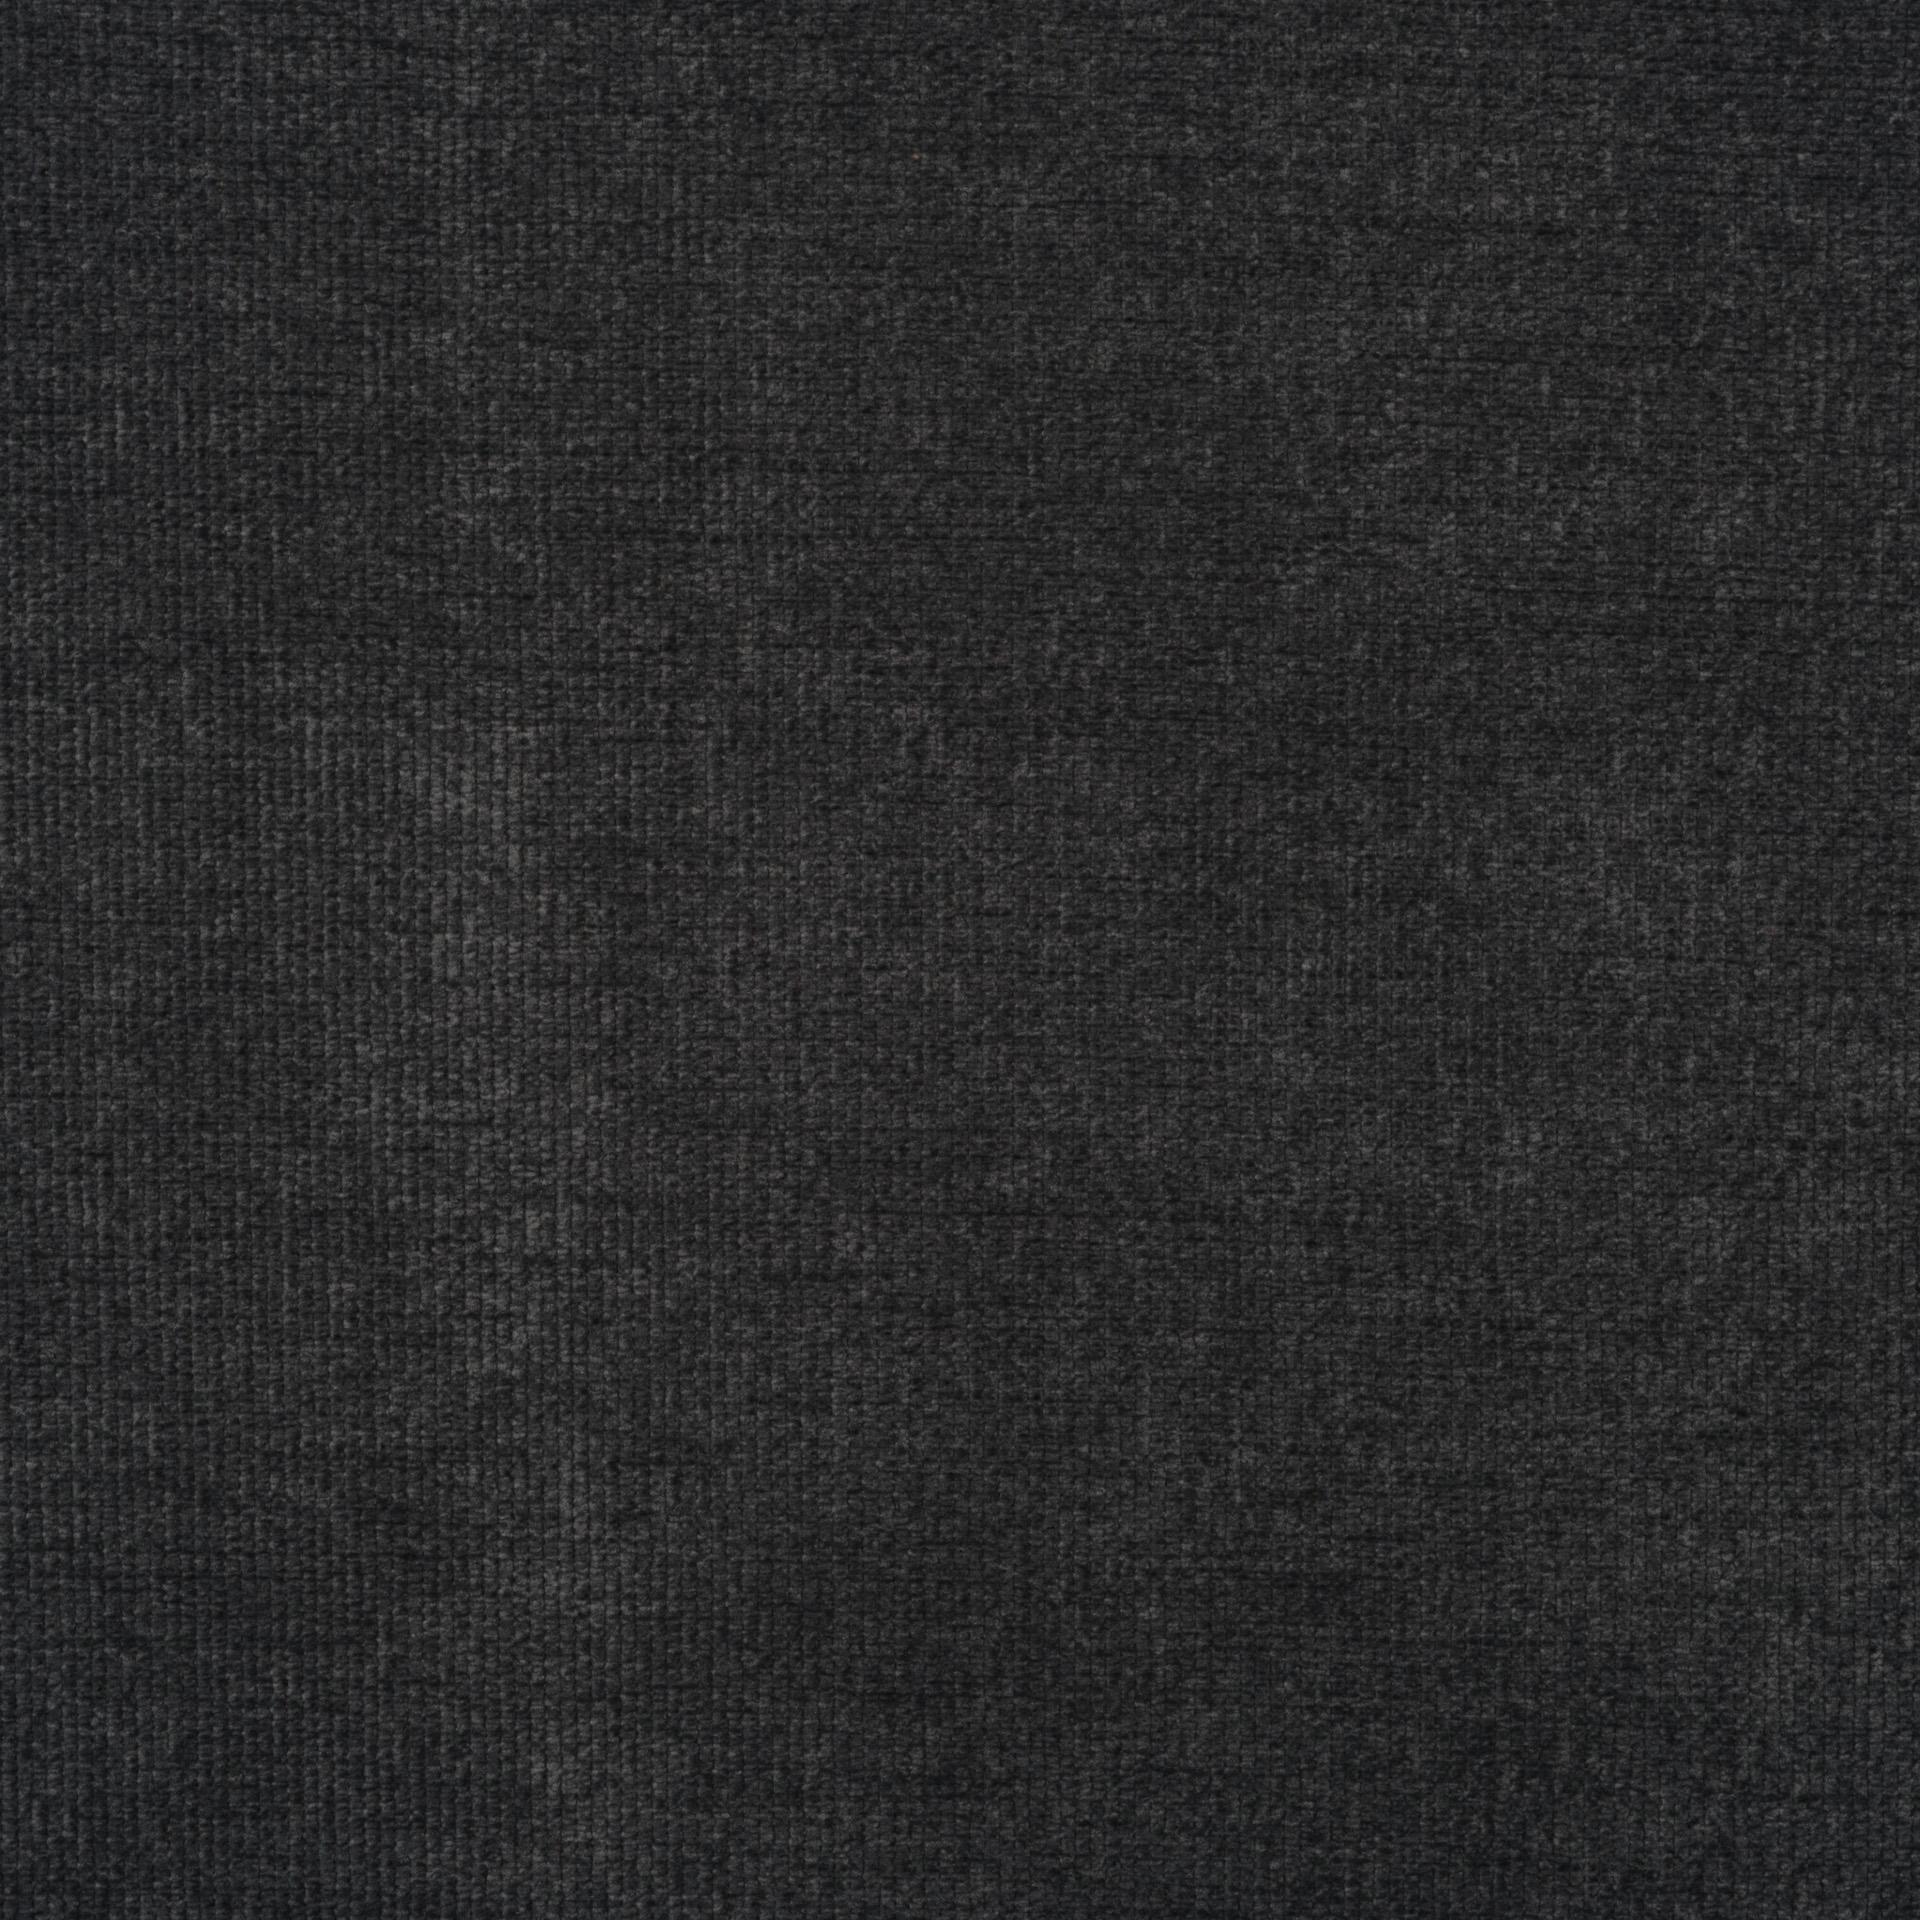 Коллекция ткани Кордрой 465,  купить ткань Велюр для мебели Украина